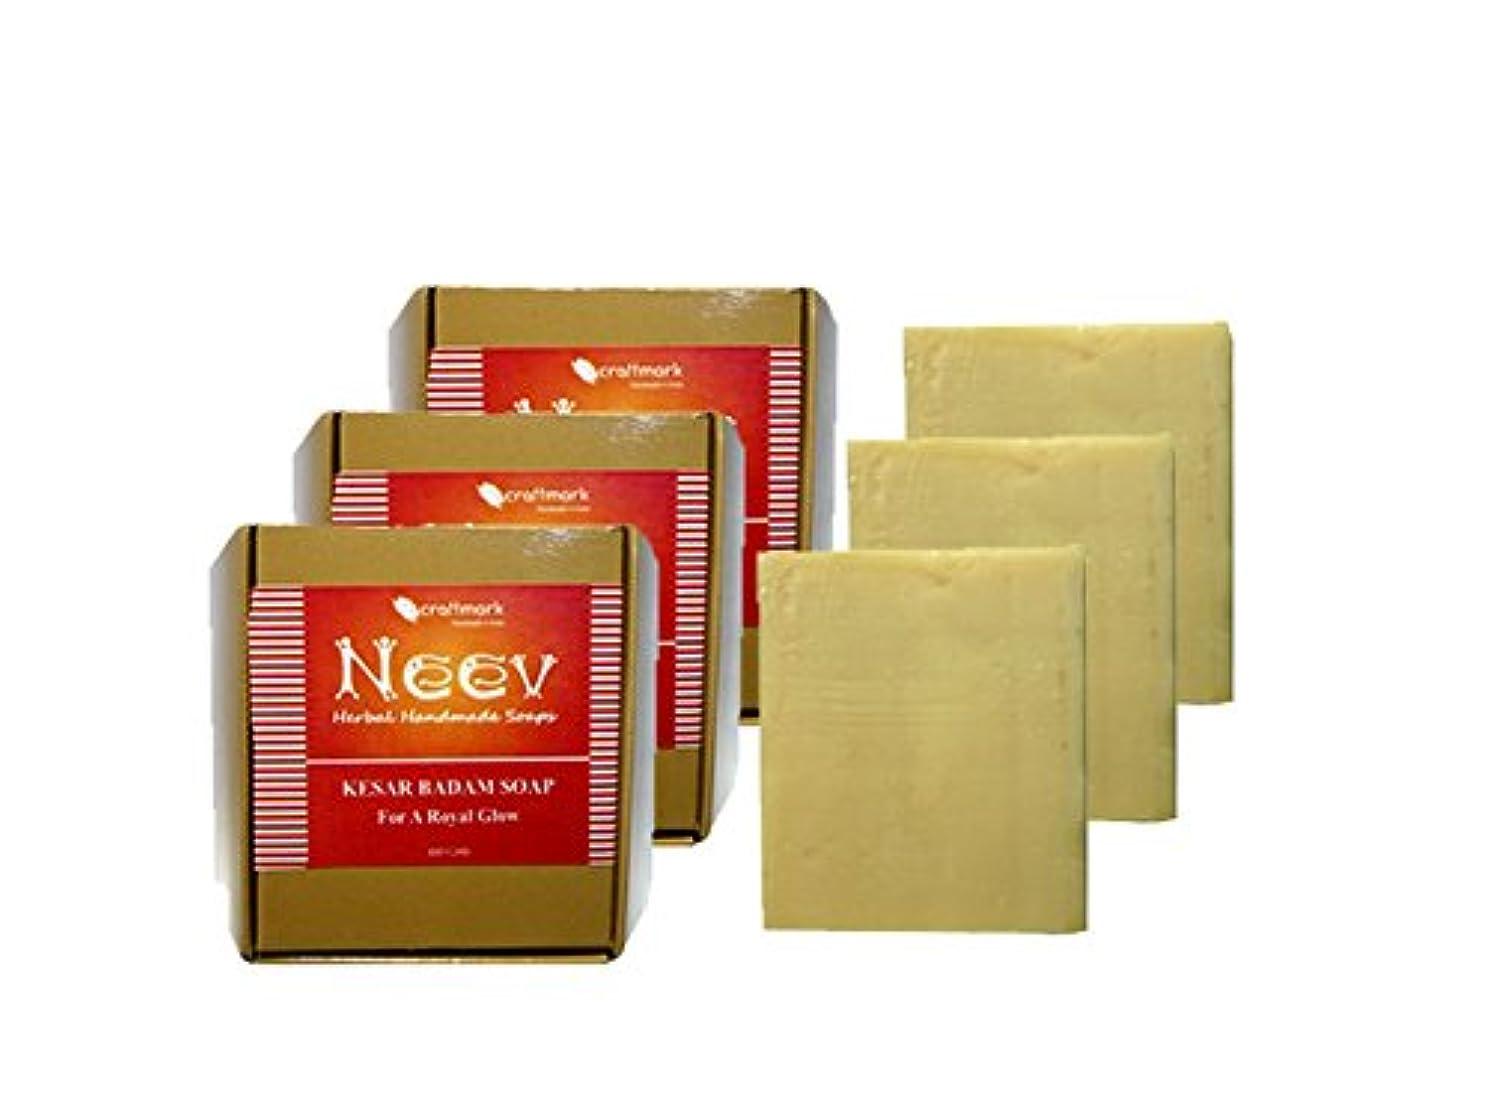 ハロウィンに慣れであること手作り ニーブ カサル バダム ソープ NEEV Herbal Kesar Badam SOAP For A Royal Glow 3個セット